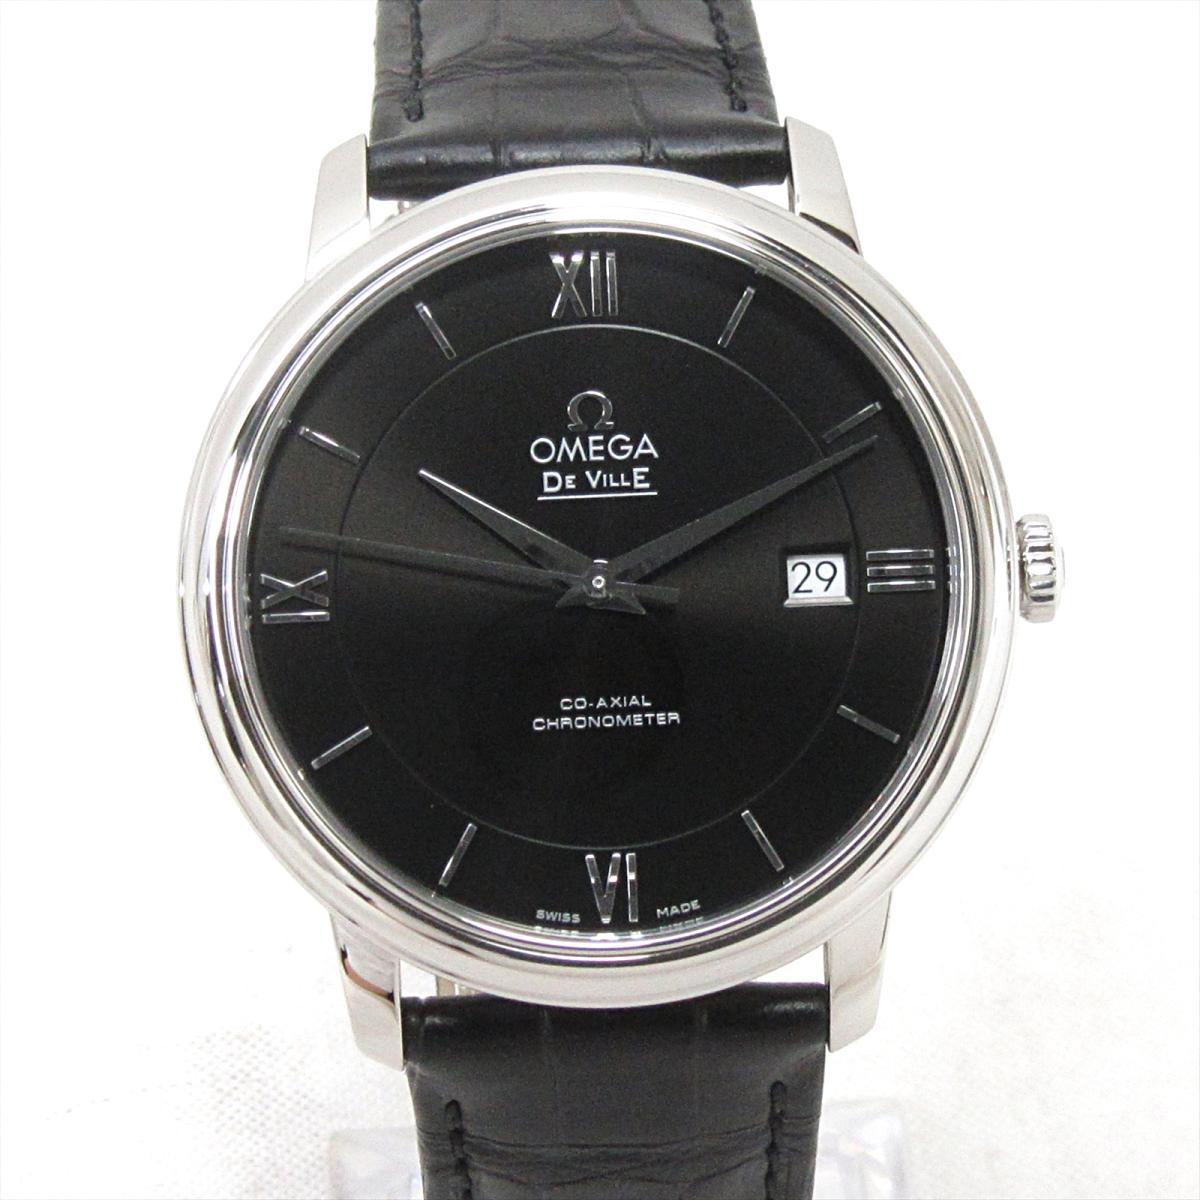 デ・ビル プレステージ コーアクシャル 腕時計/メンズ